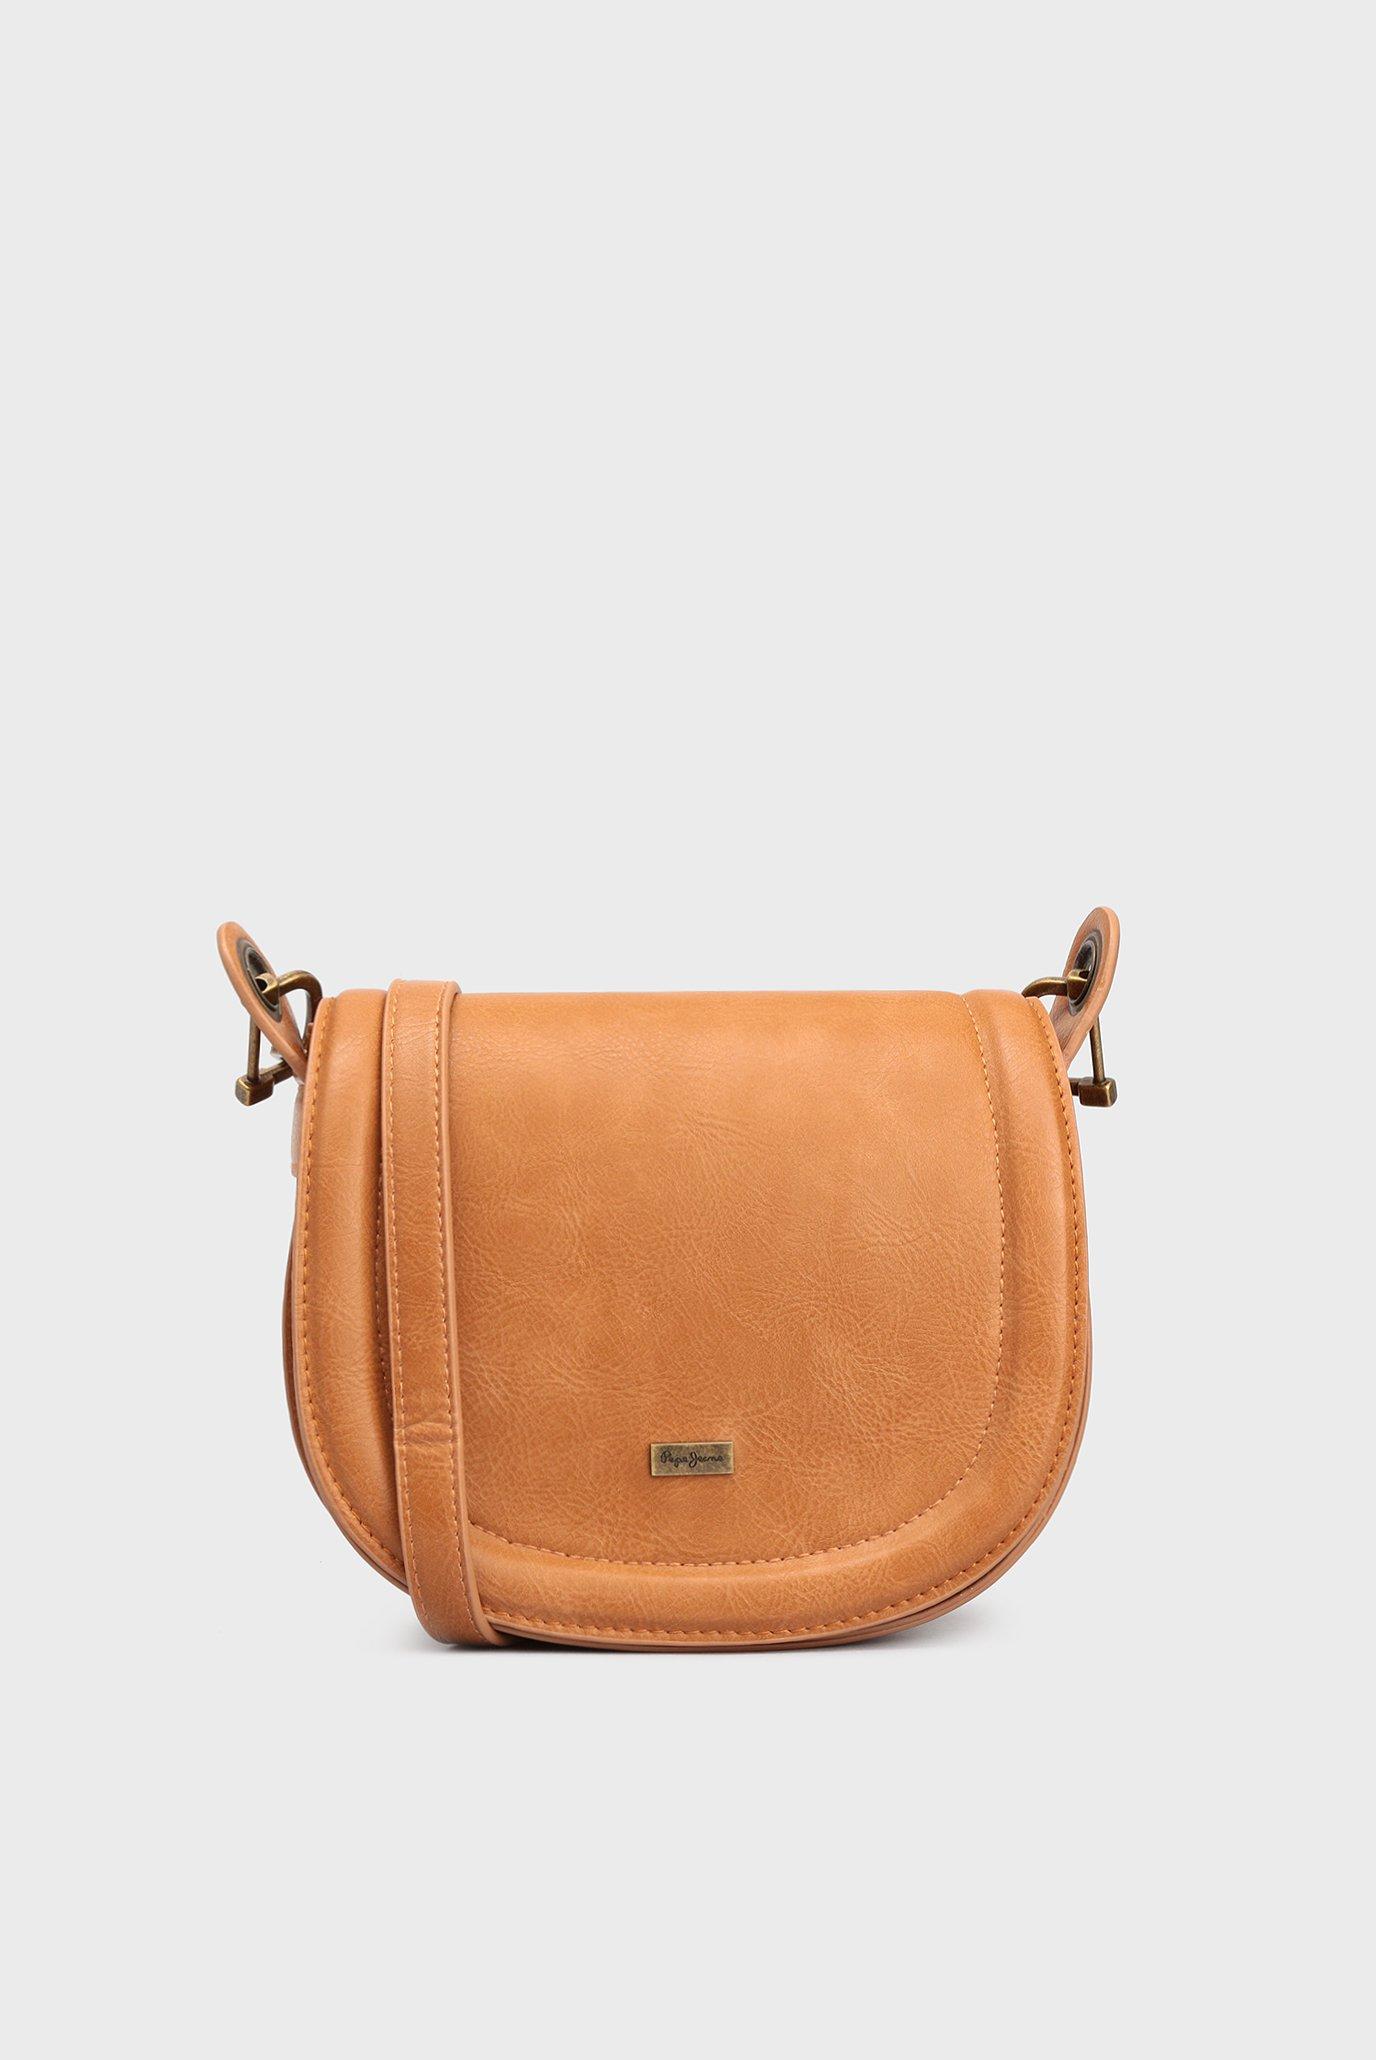 c0e0f016a79c Купить Женская рыжая сумка через плечо Pepe Jeans Pepe Jeans PL030807 – Киев,  Украина. Цены в интернет ...